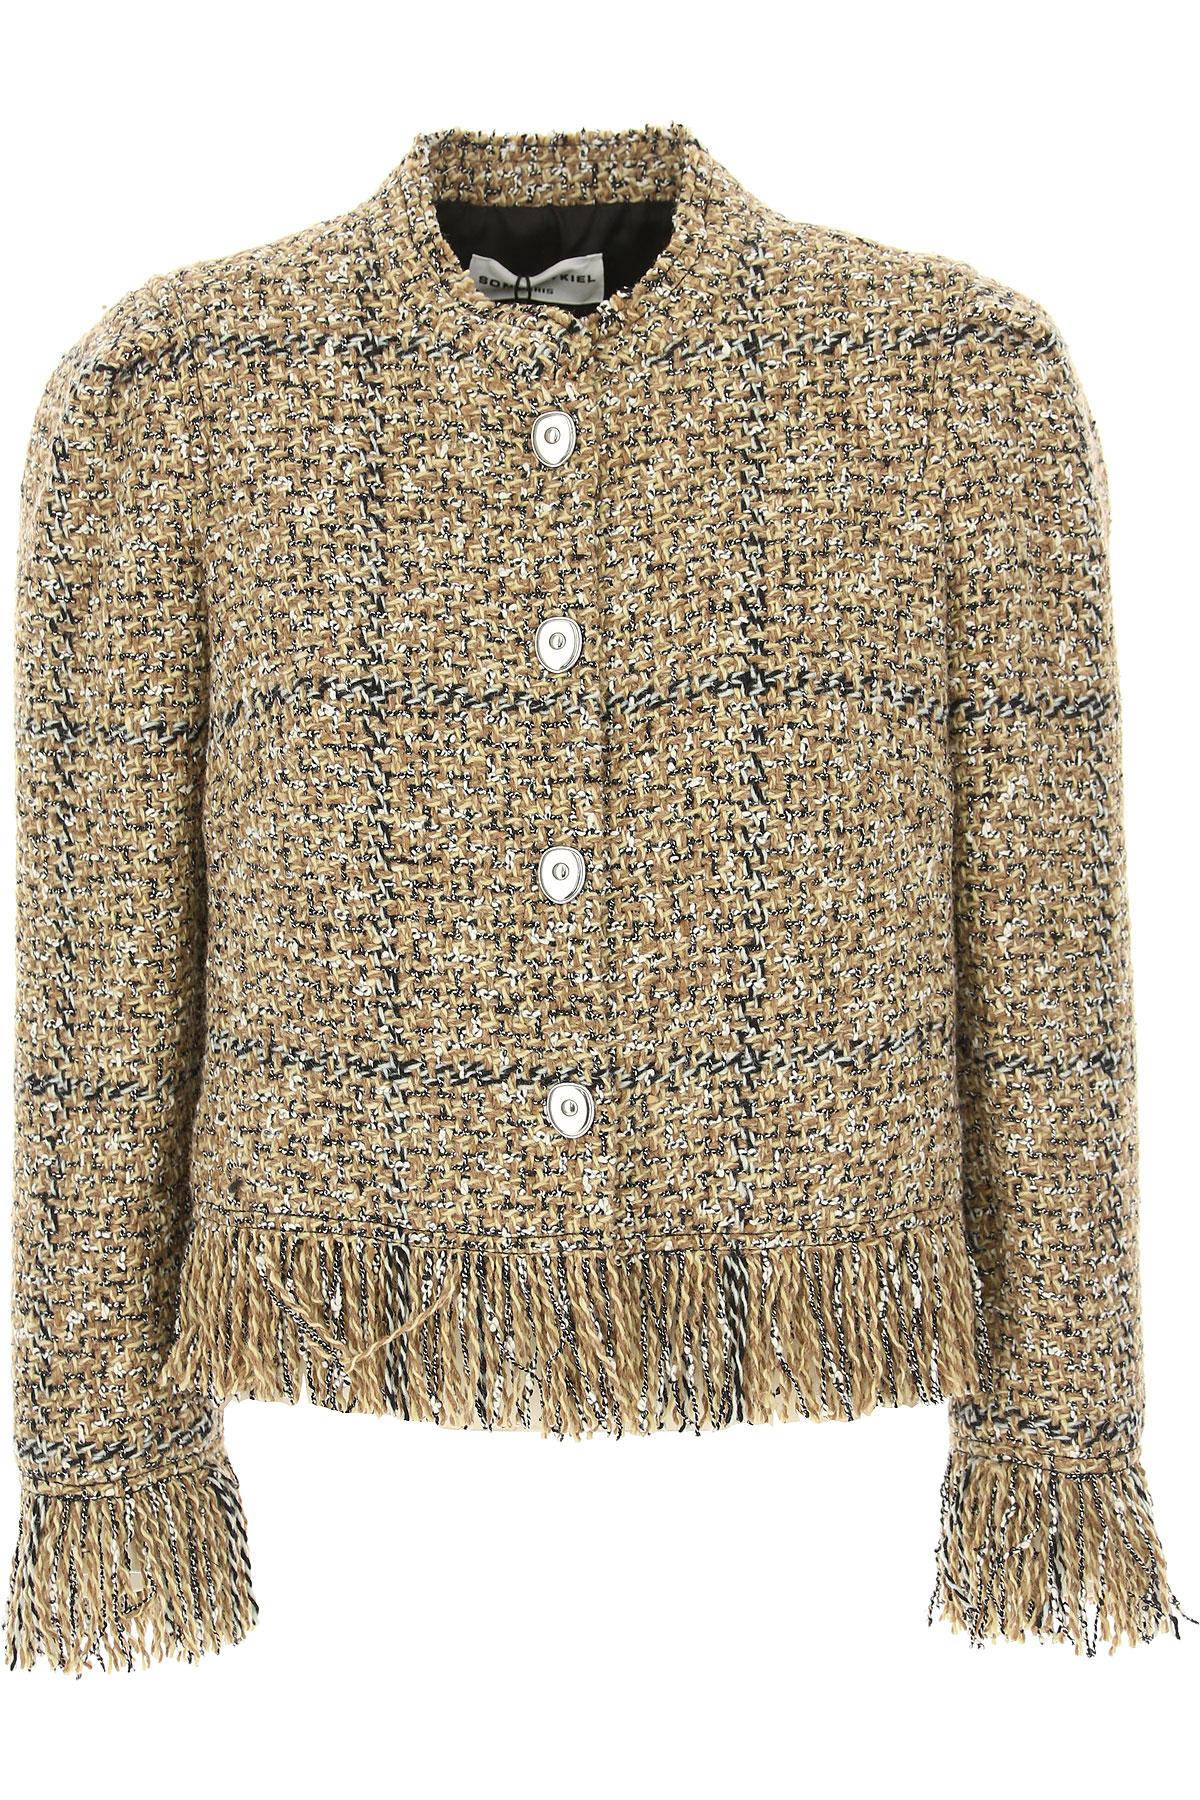 Image of Sonia Rykiel Jacket for Women, Beige, Wool, 2017, 2 4 6